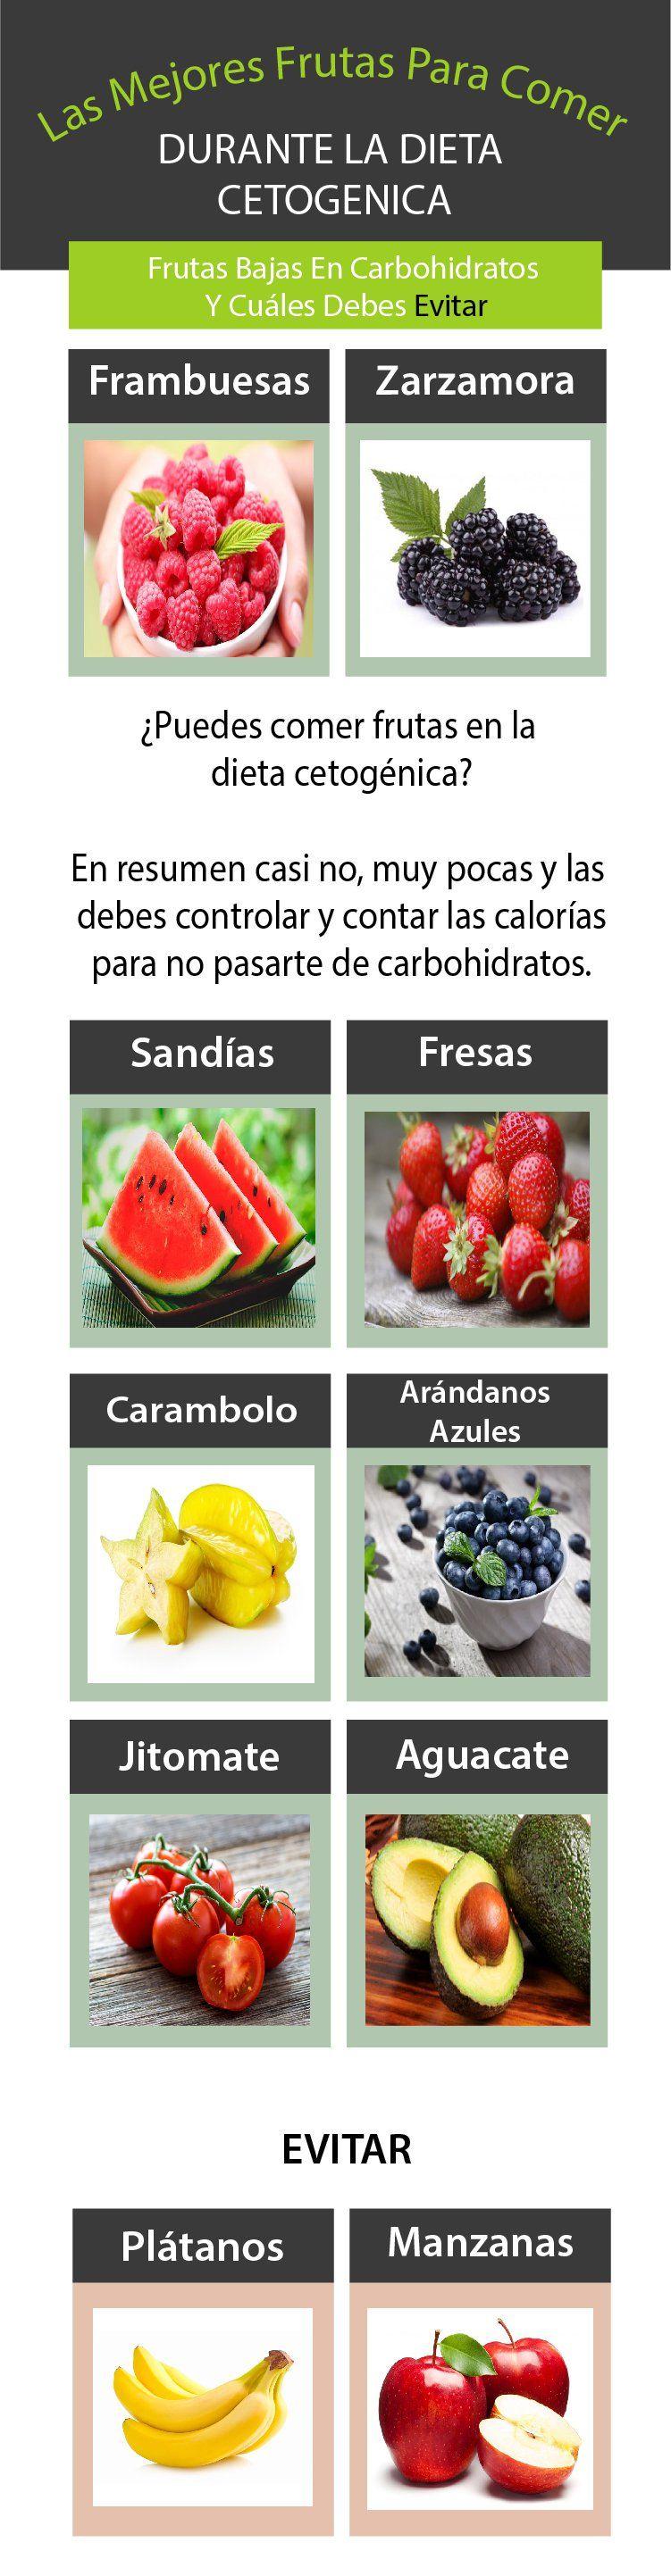 frutas a evitar durante la dieta